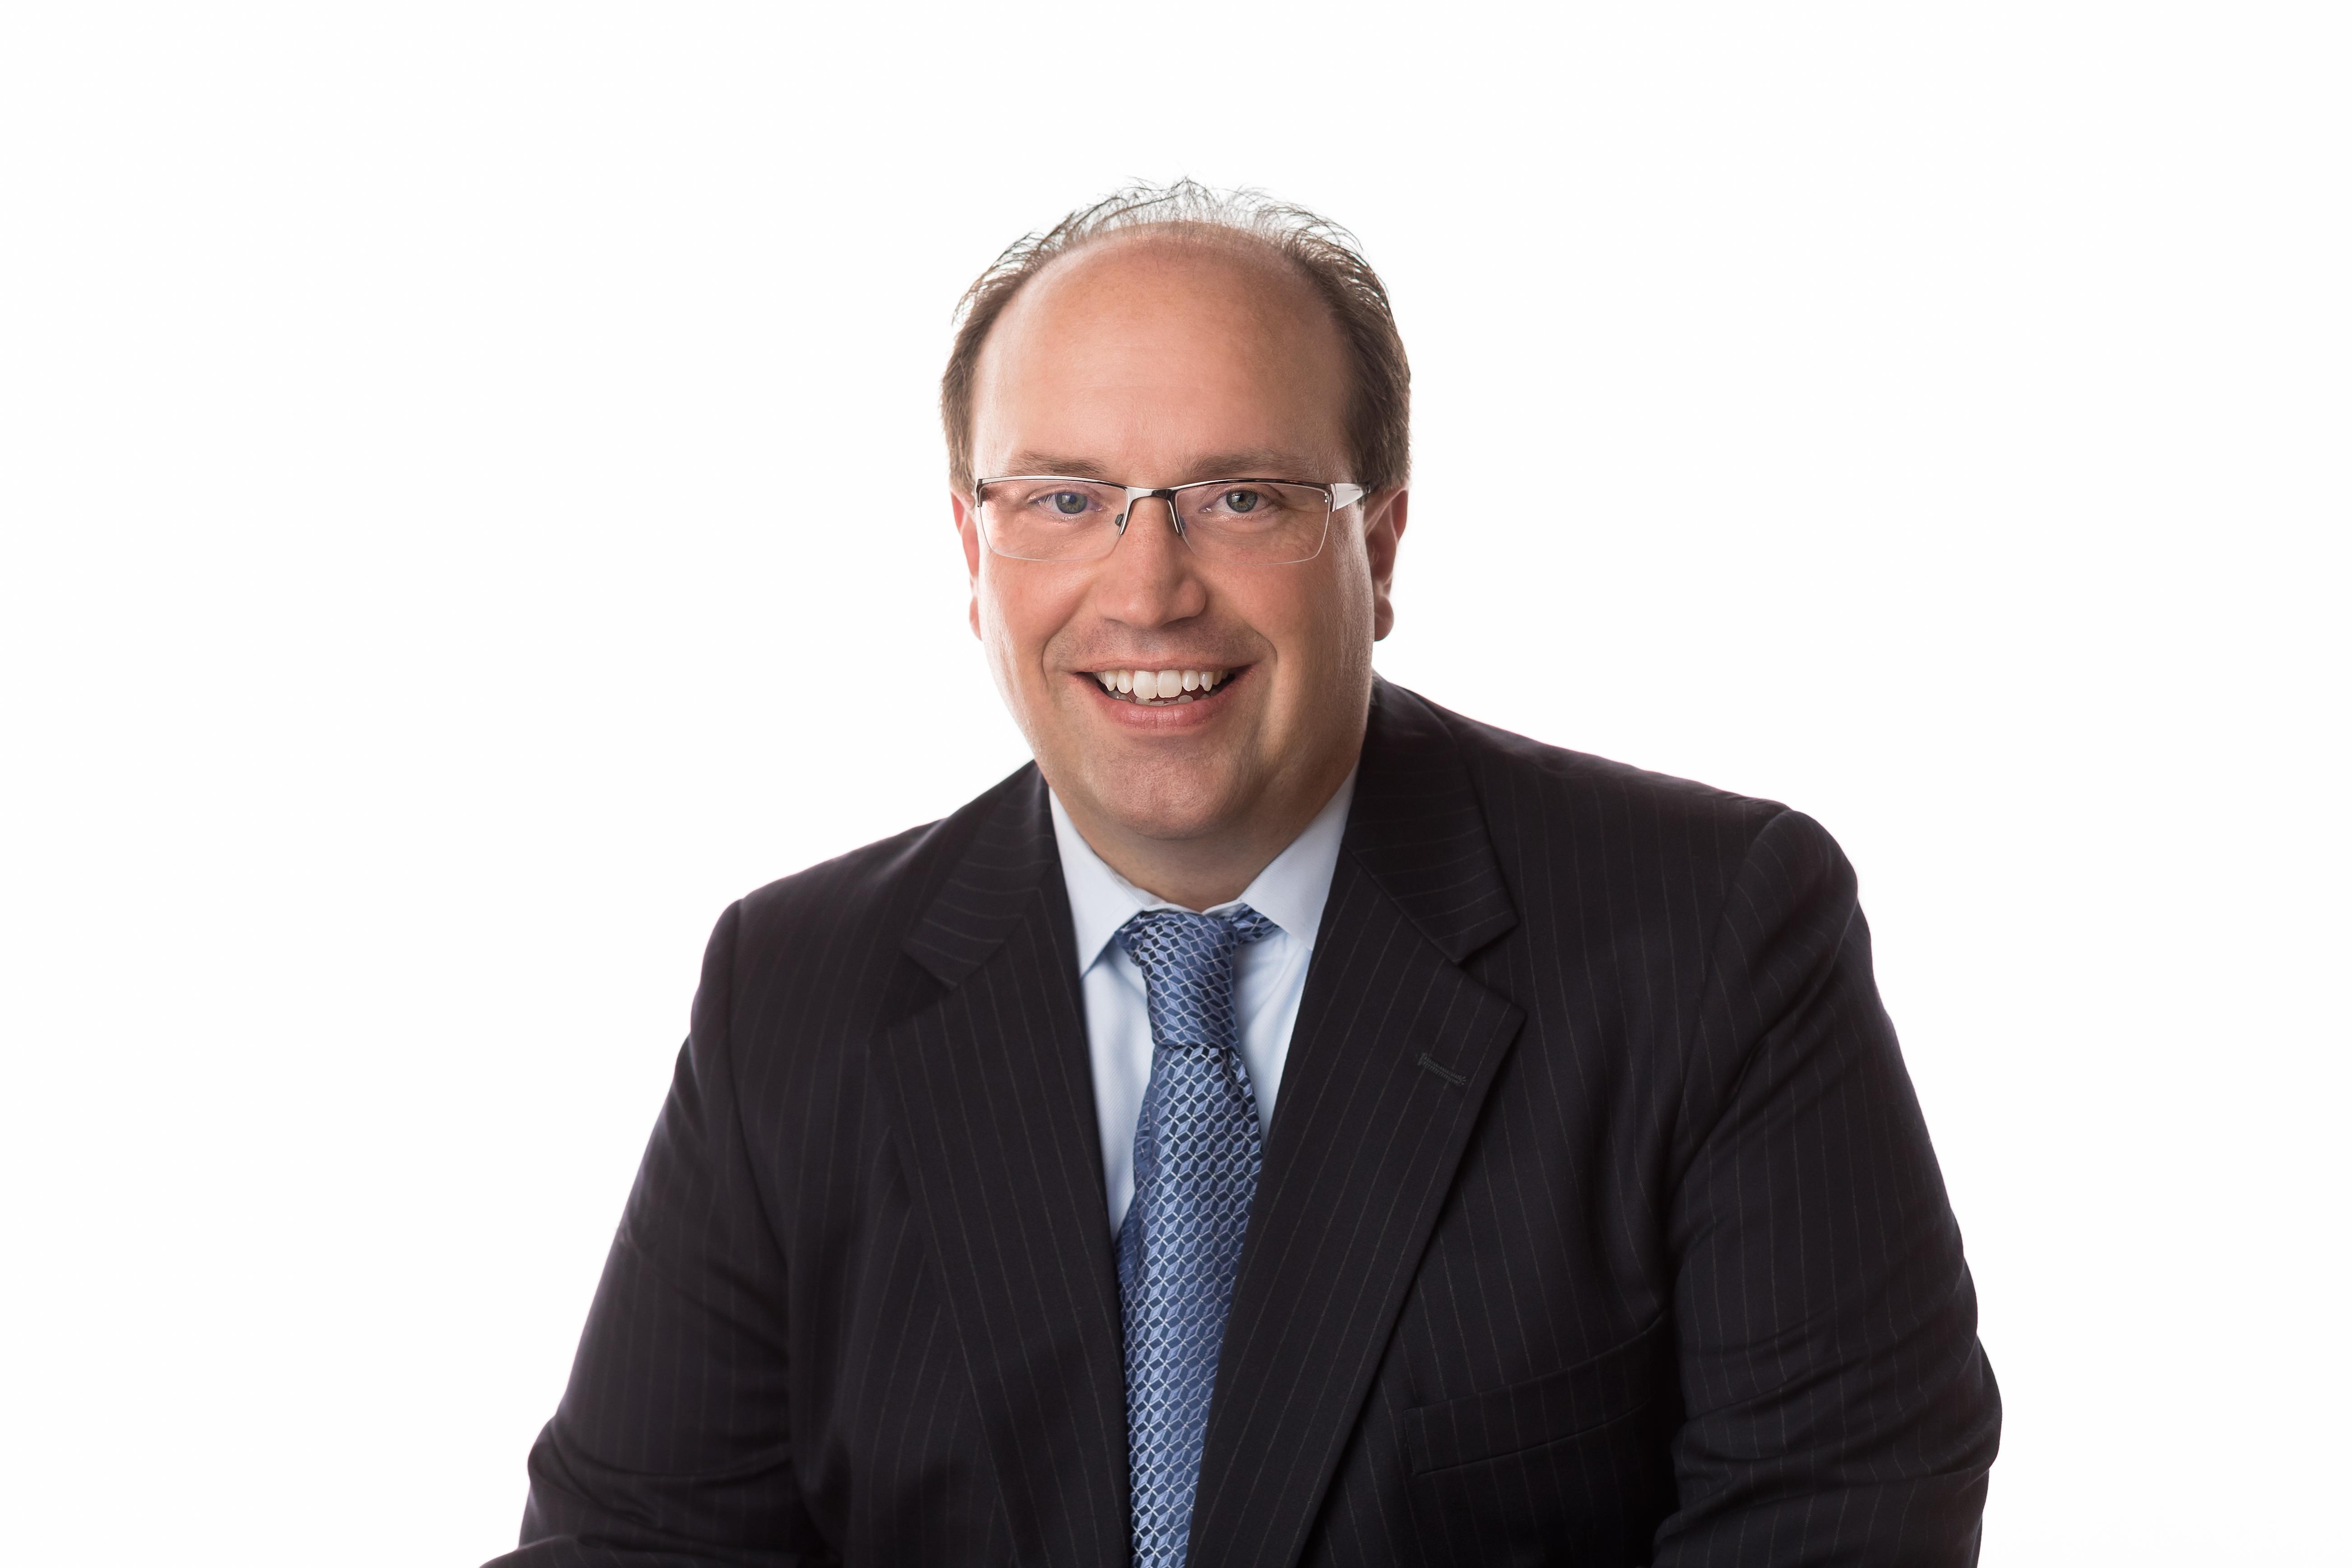 Thurman Schweitzer